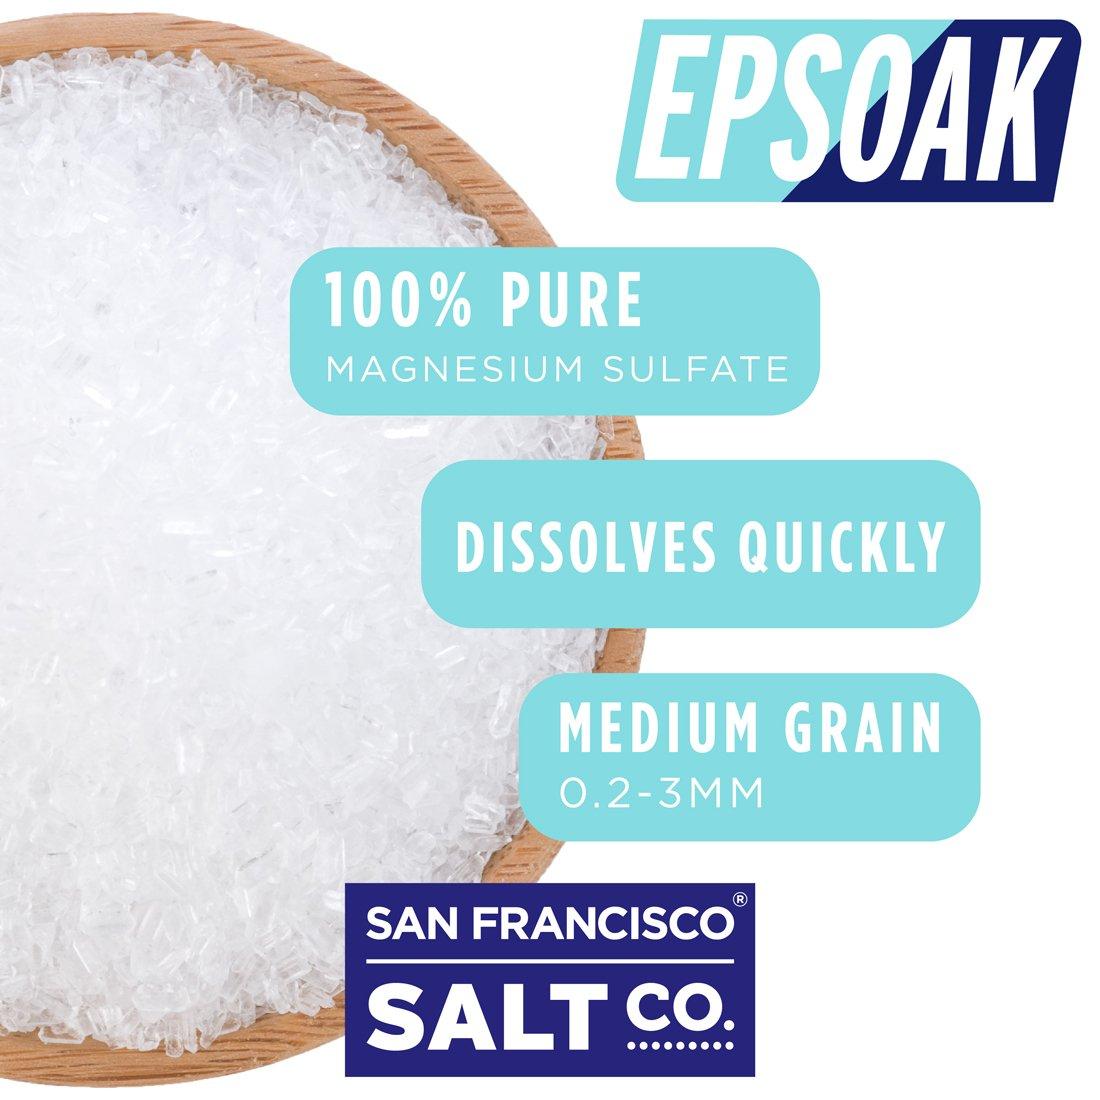 Epsoak Epsom Salt 5 lbs. Magnesium Sulfate USP by Epsoak (Image #2)